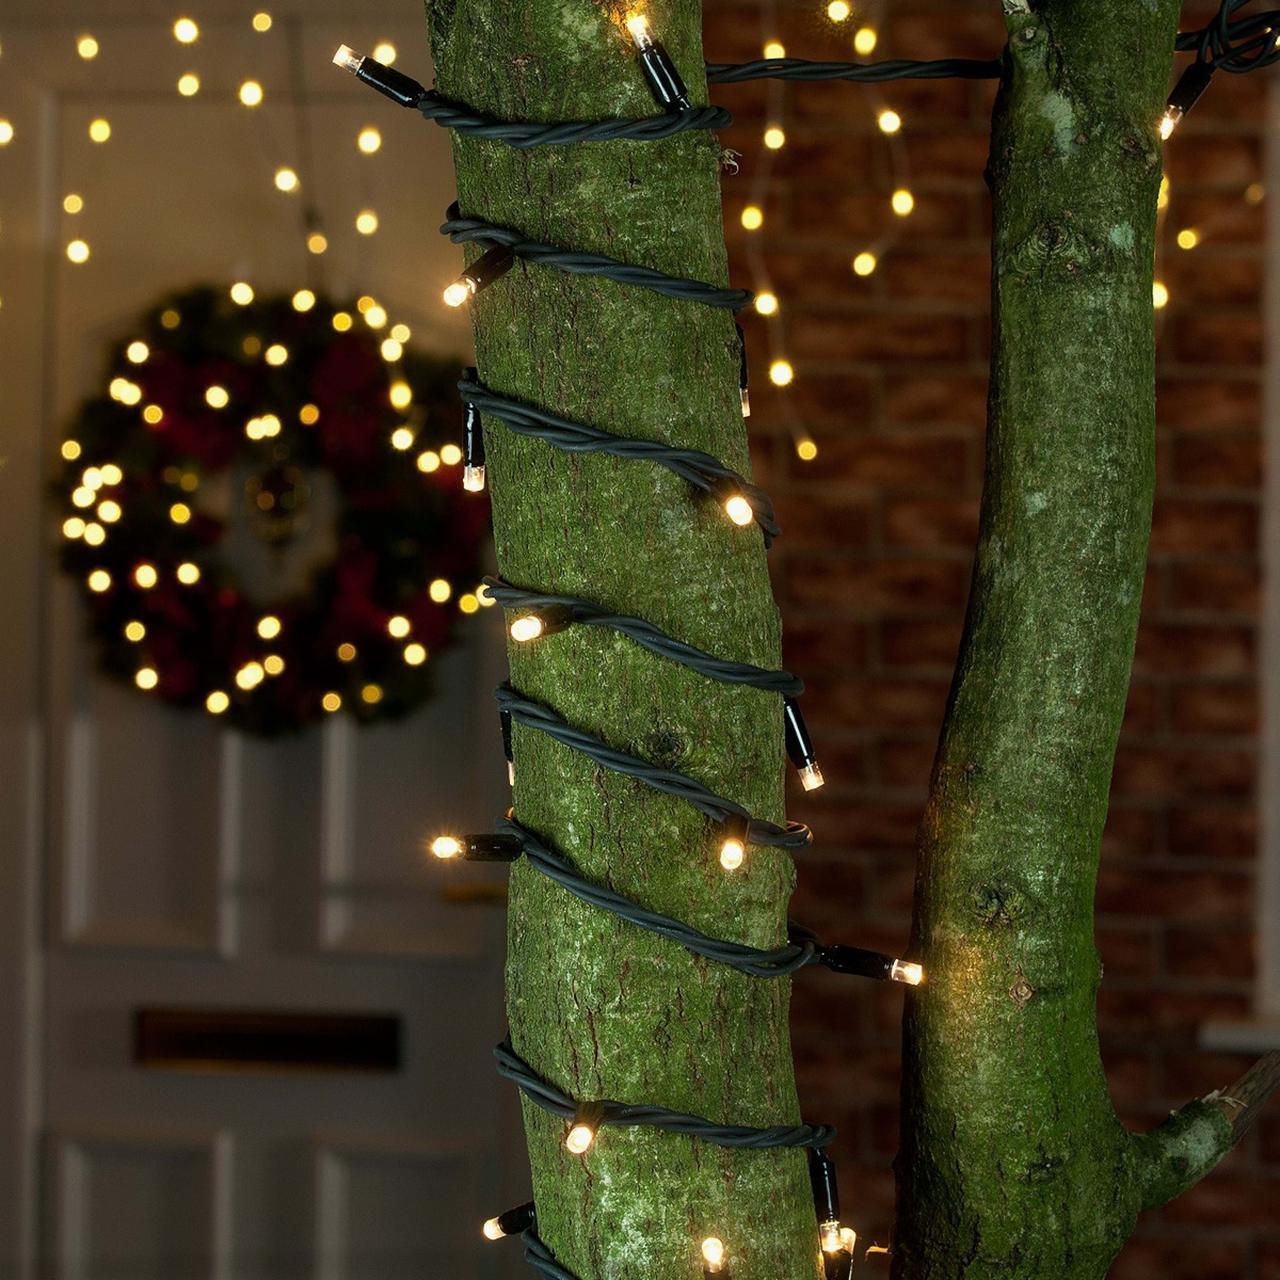 Уличная Гирлянда светодиодная нить, 10 м черный каучуковый провод - цвет тепло-белый, статический режим, фото 1